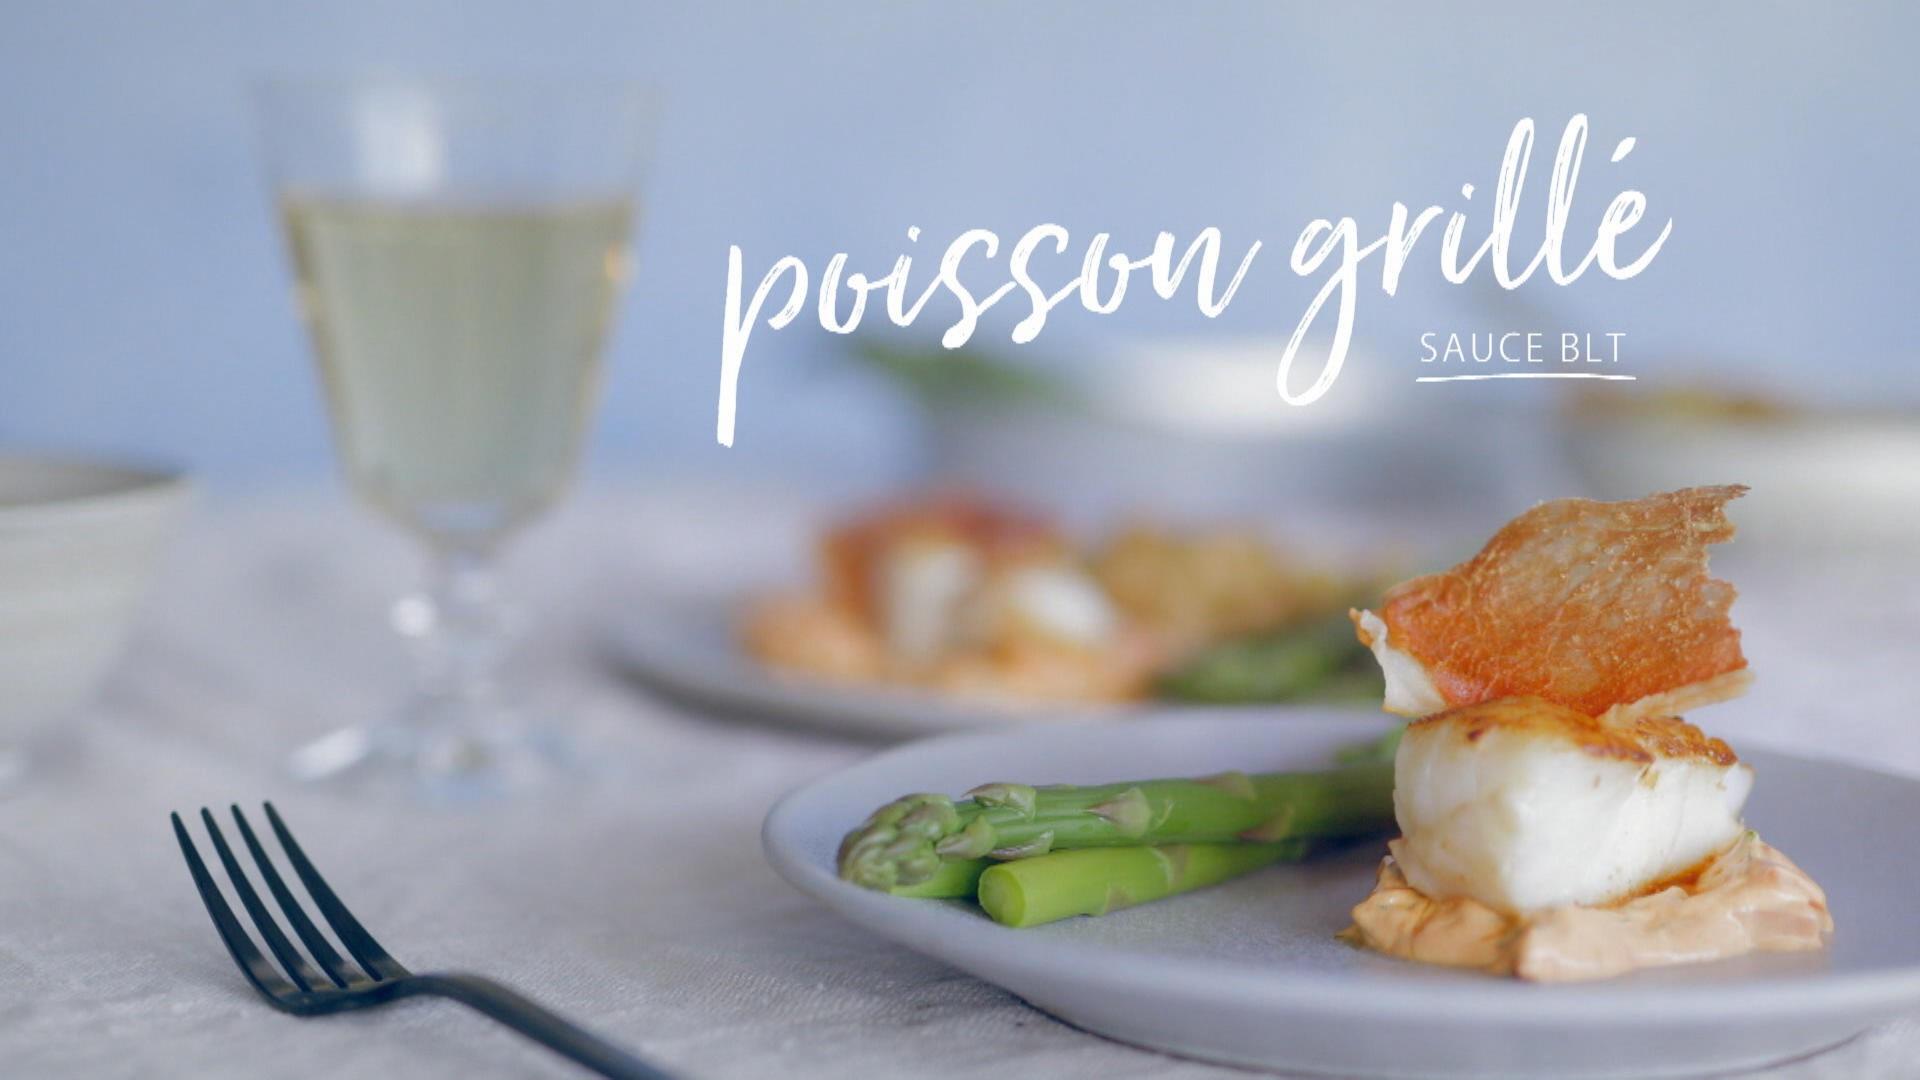 Poisson grill sauce blt cuisine fut e parents press s for Poisson cuisine